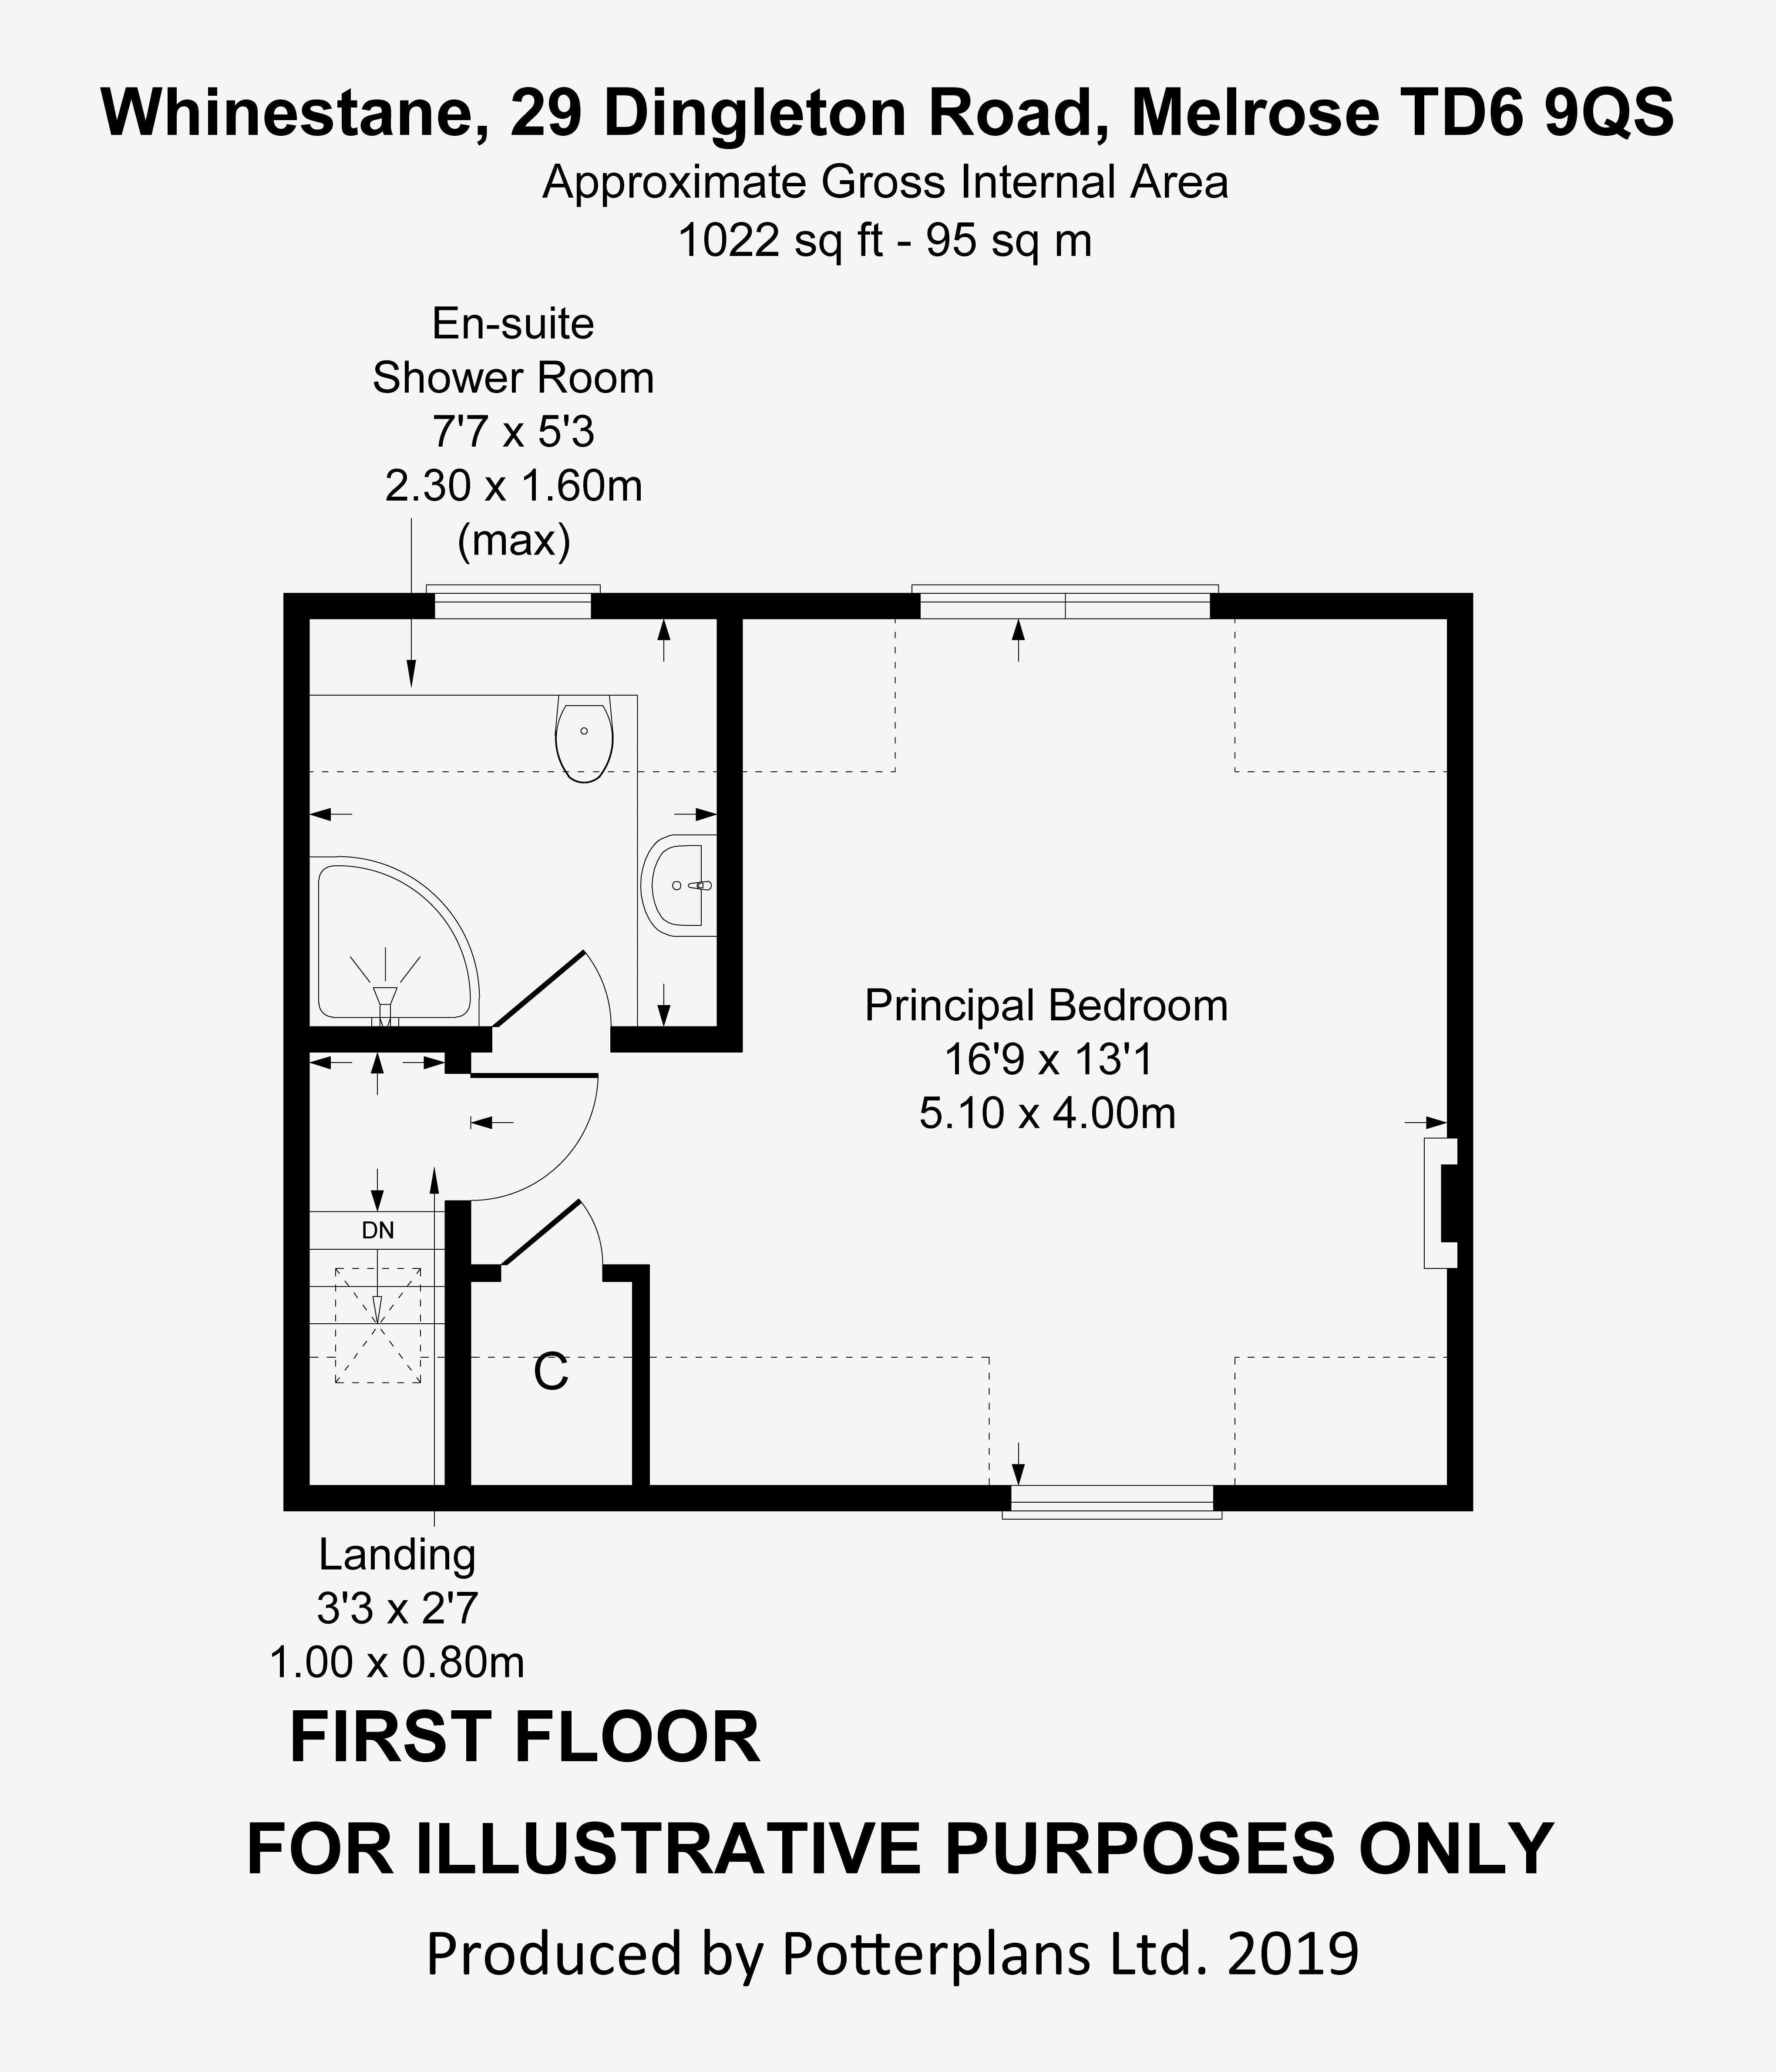 Whinestane First Floor